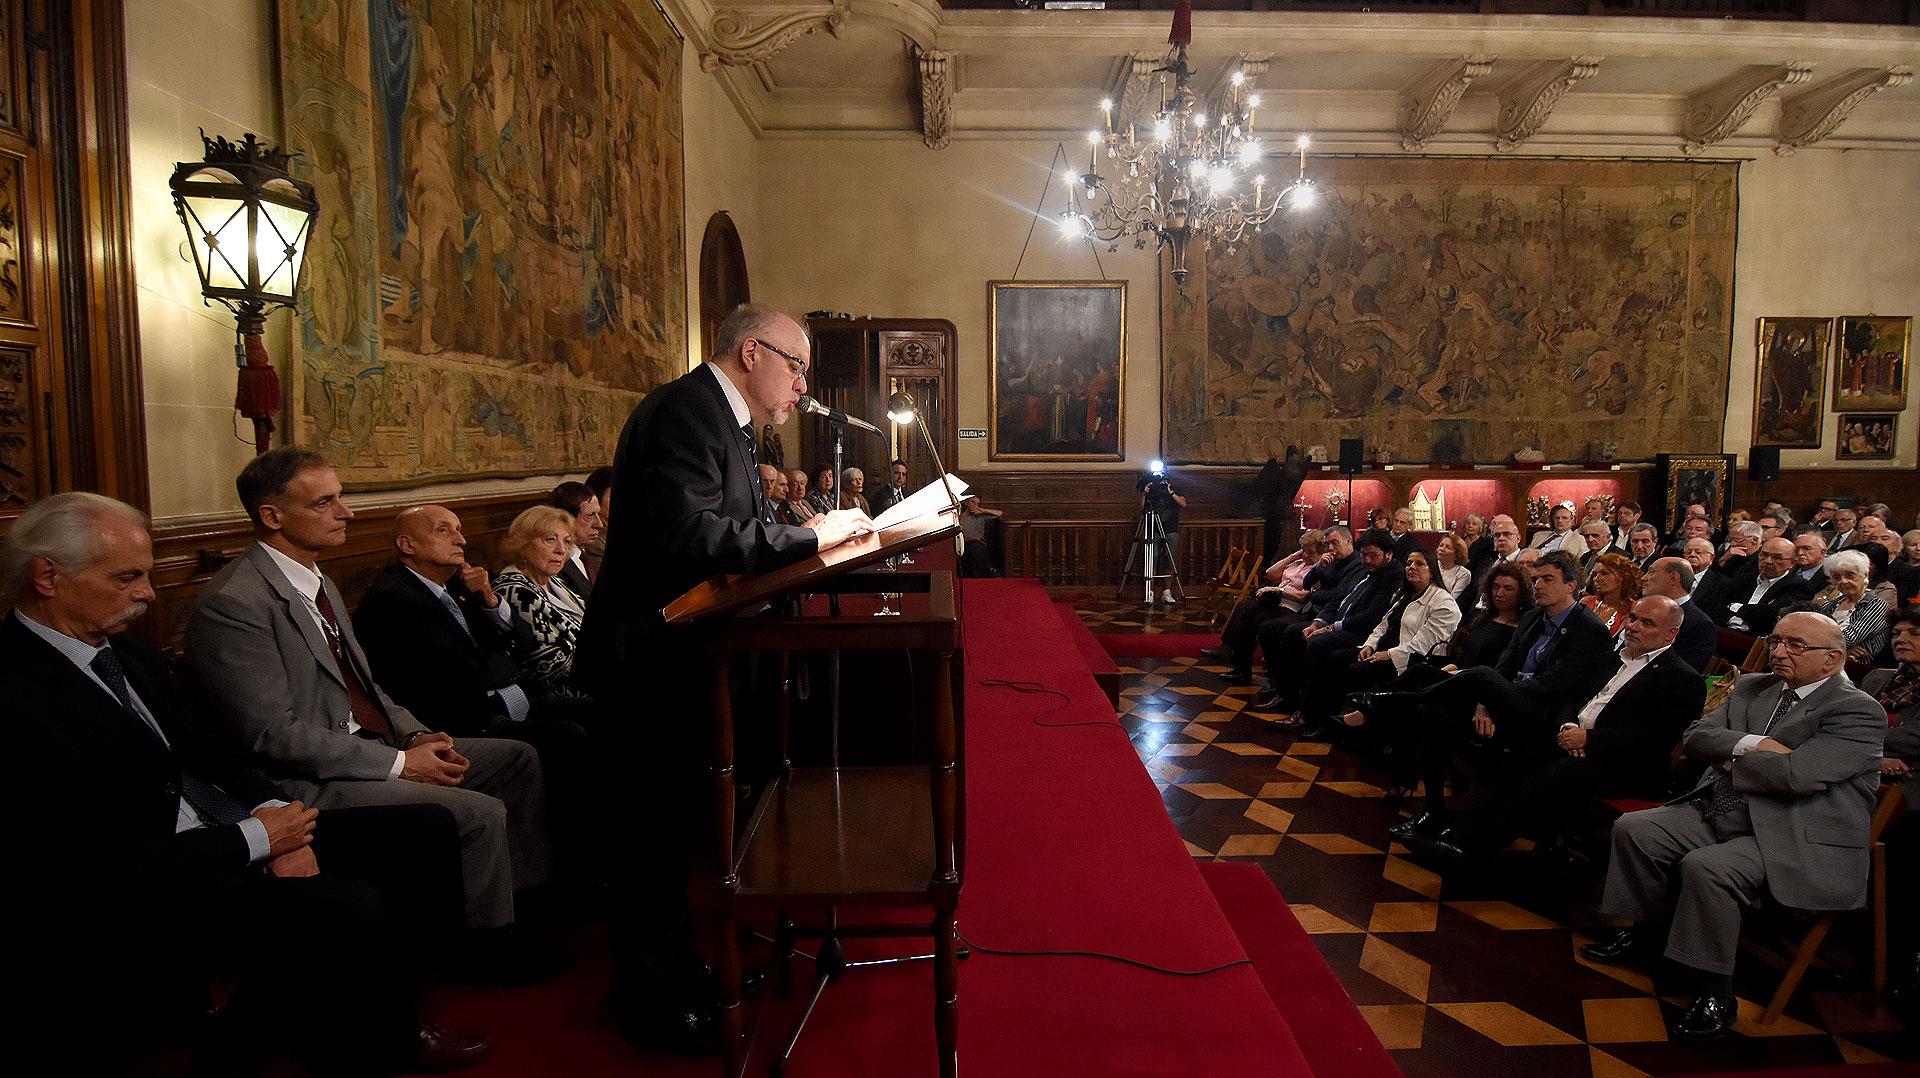 Al finalizar el discurso, los aplausos fueron todos al unísono (Foto: Nicolás Stulberg)